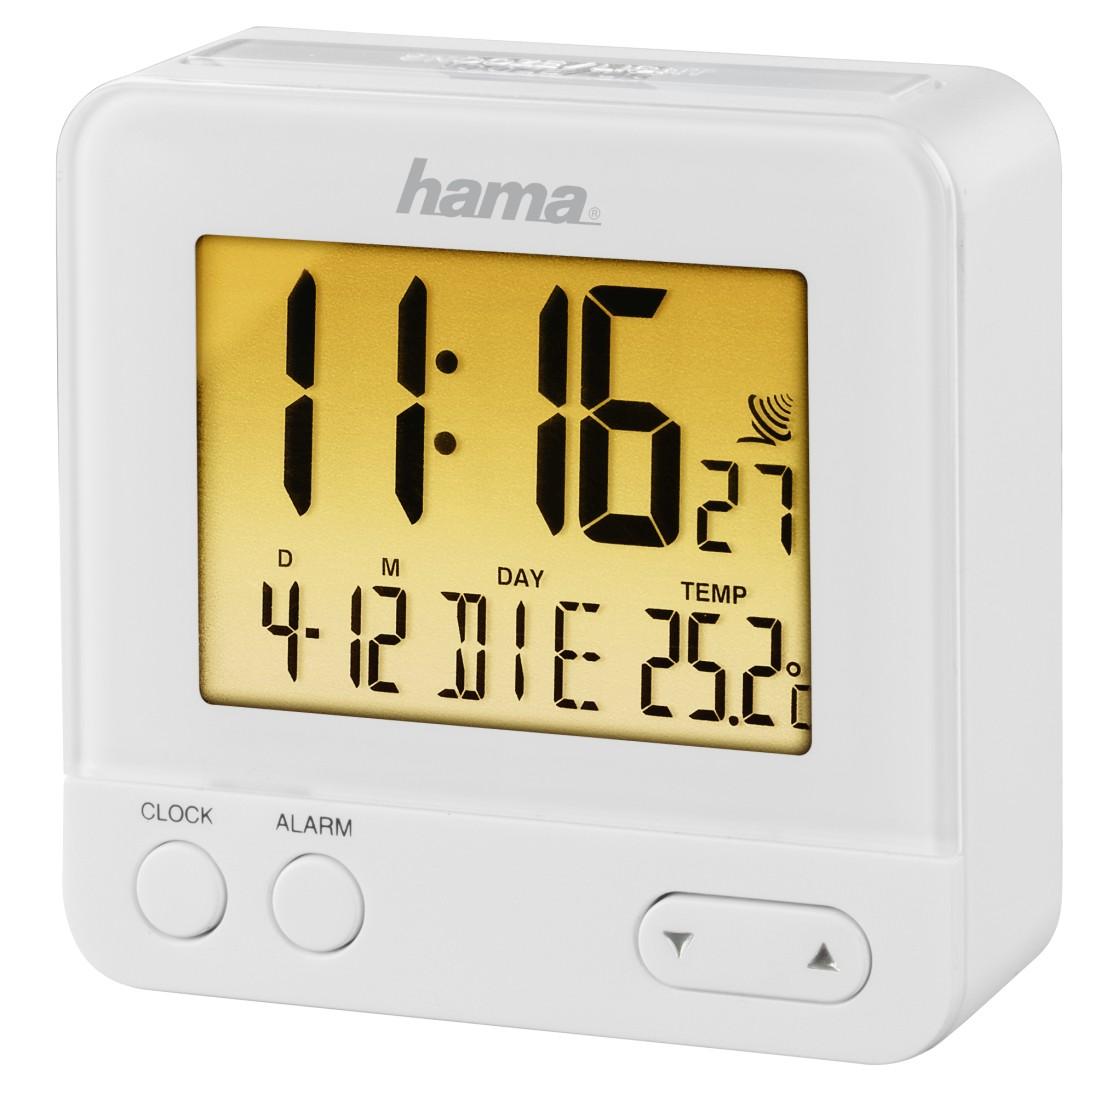 00186350 Hama Réveil radio piloté